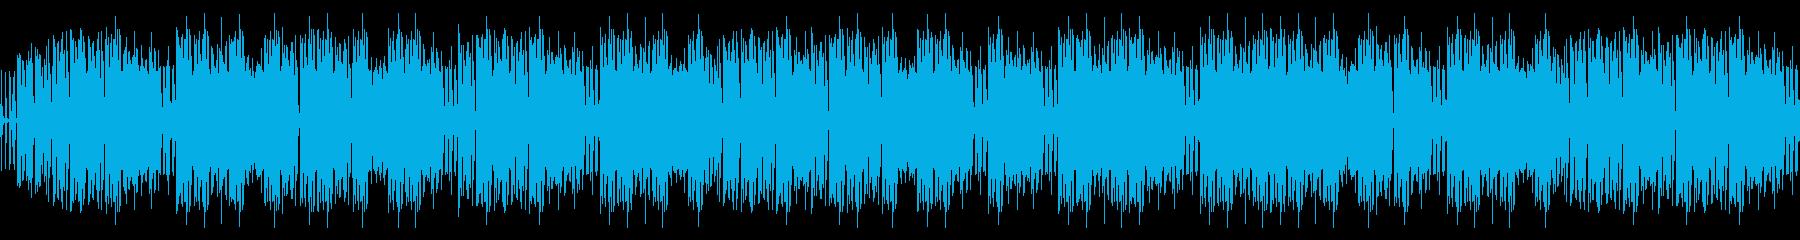 トレイラーSF近未来電子パーカッションの再生済みの波形